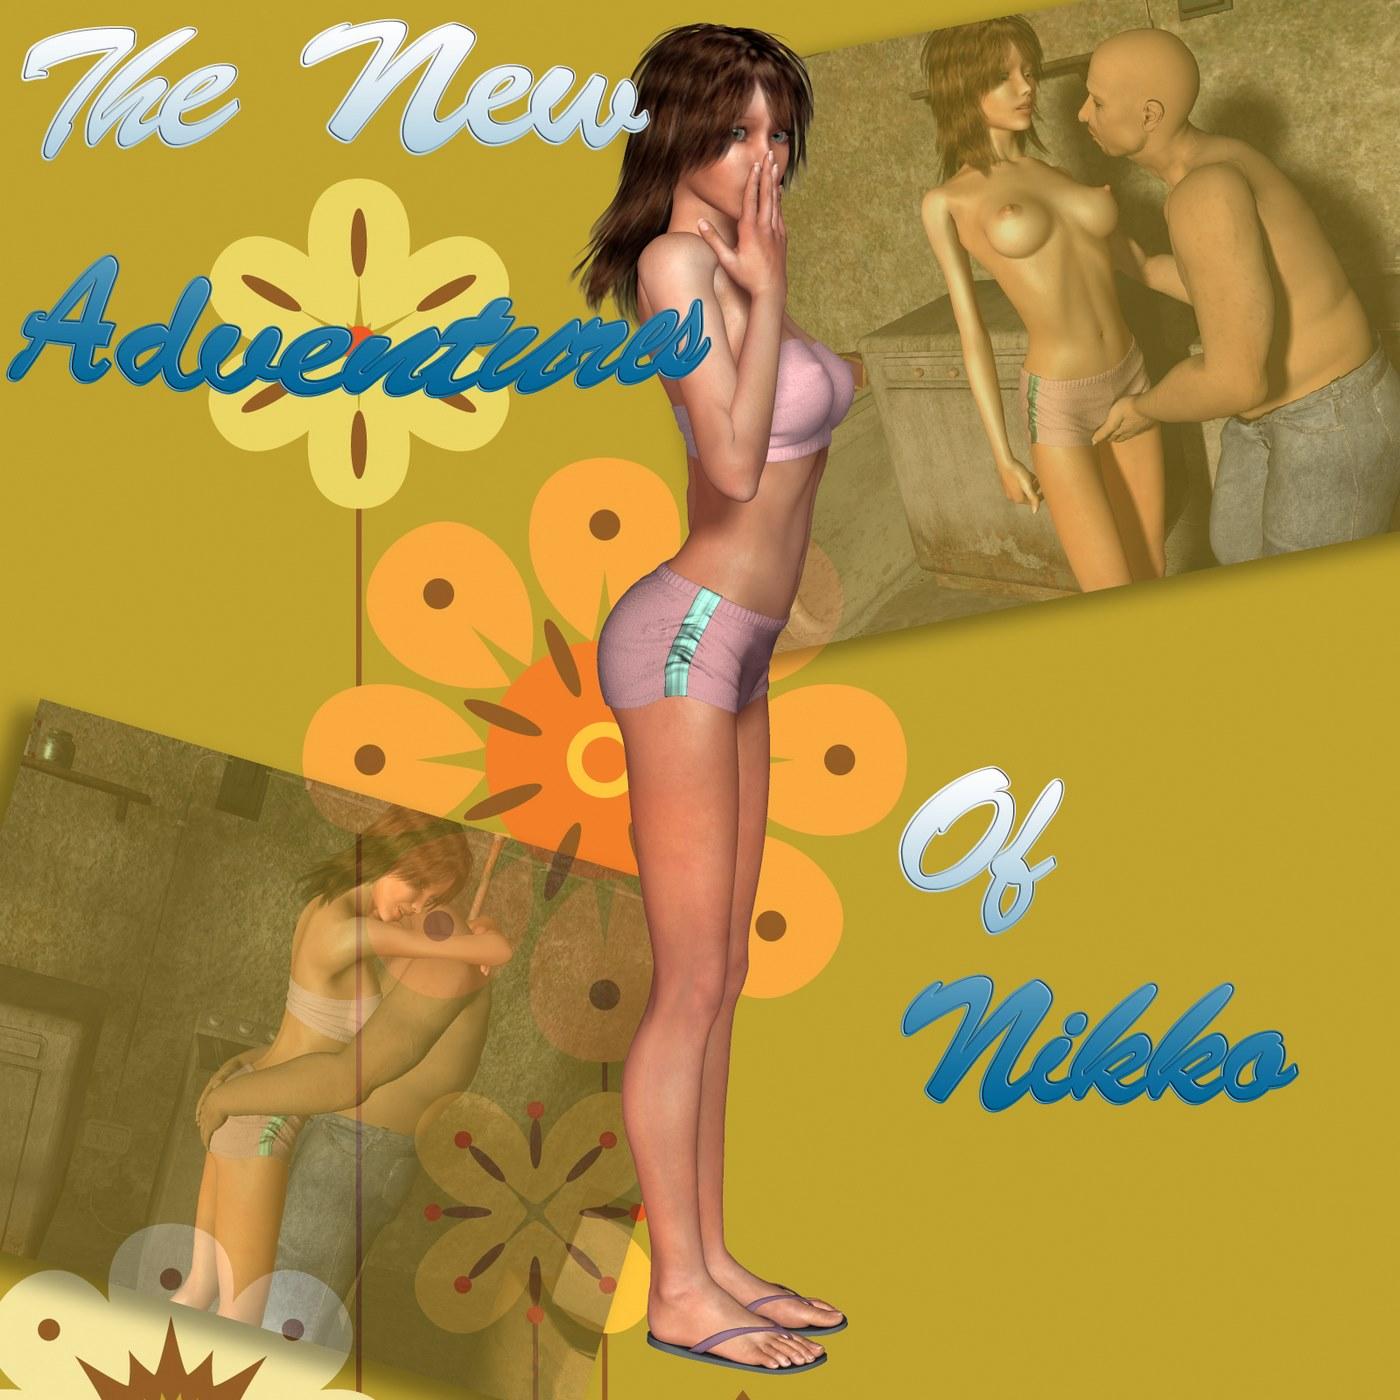 Porn Comics - New Adventures of Nikko porn comics 8 muses